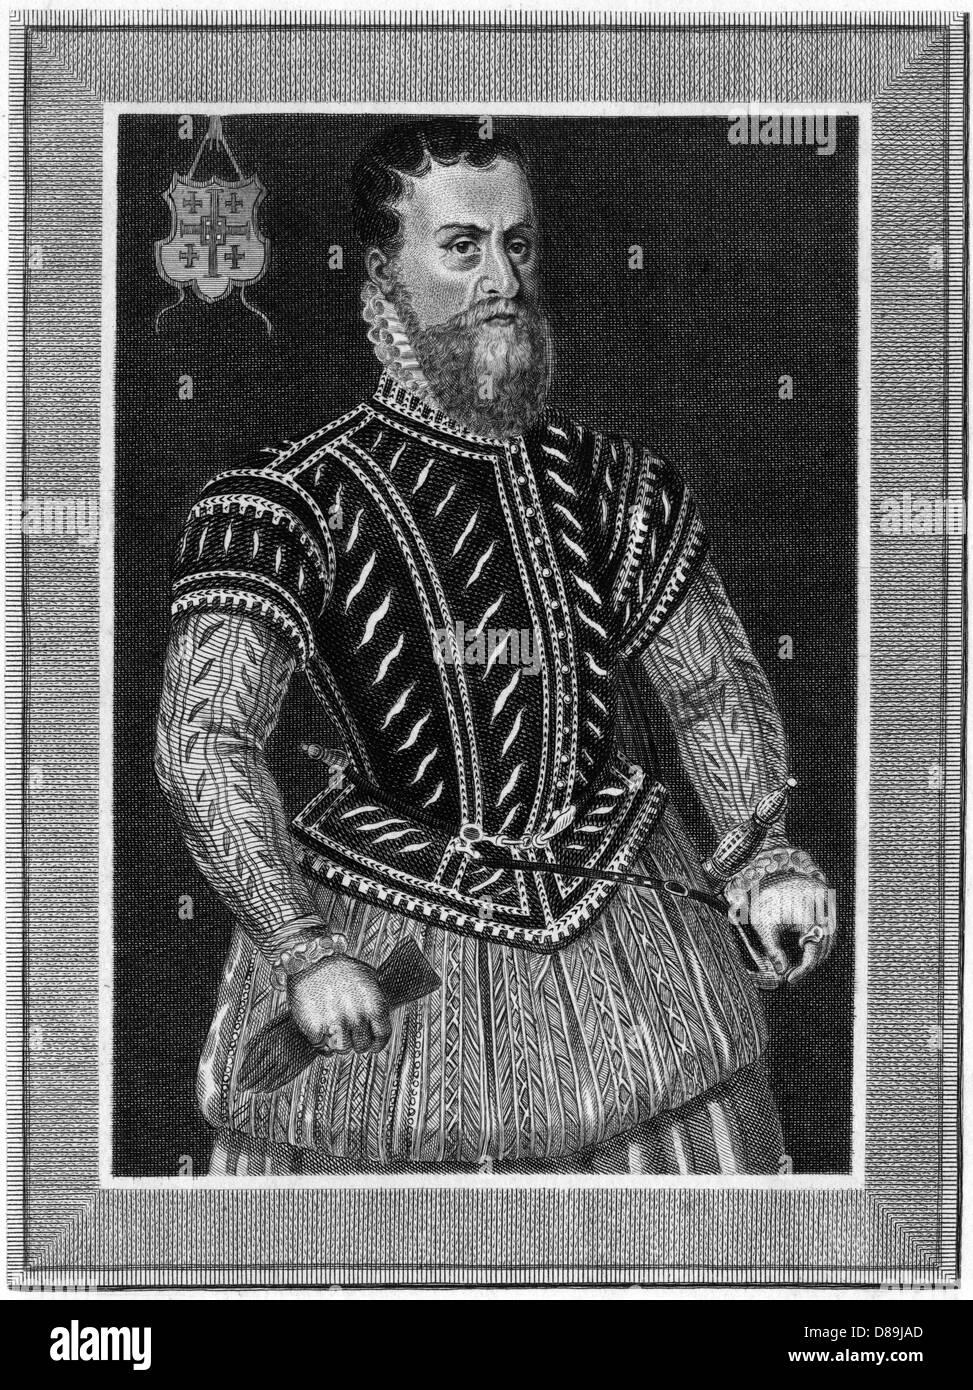 Sir Richard Clough - Stock Image